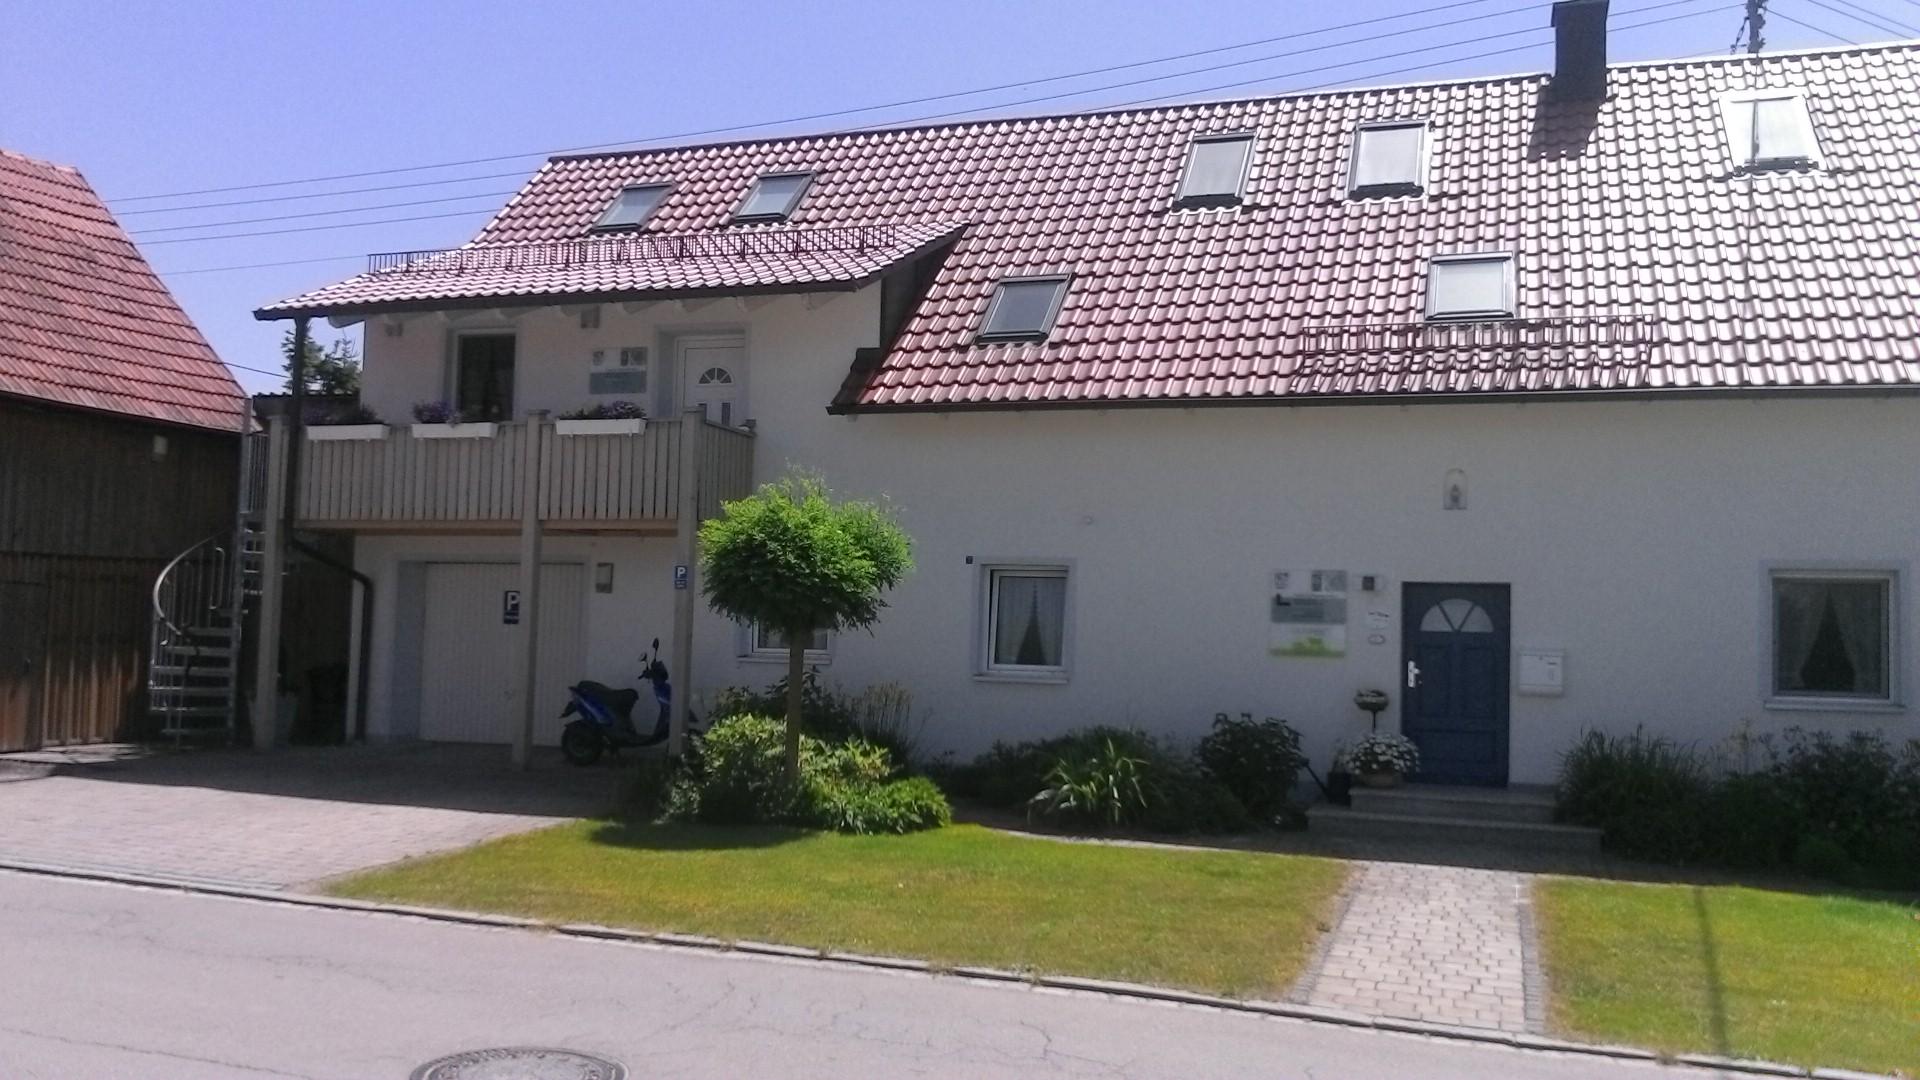 Nett Garagen Apartment Gastezimmer Bilder Galerie - Die besten ...